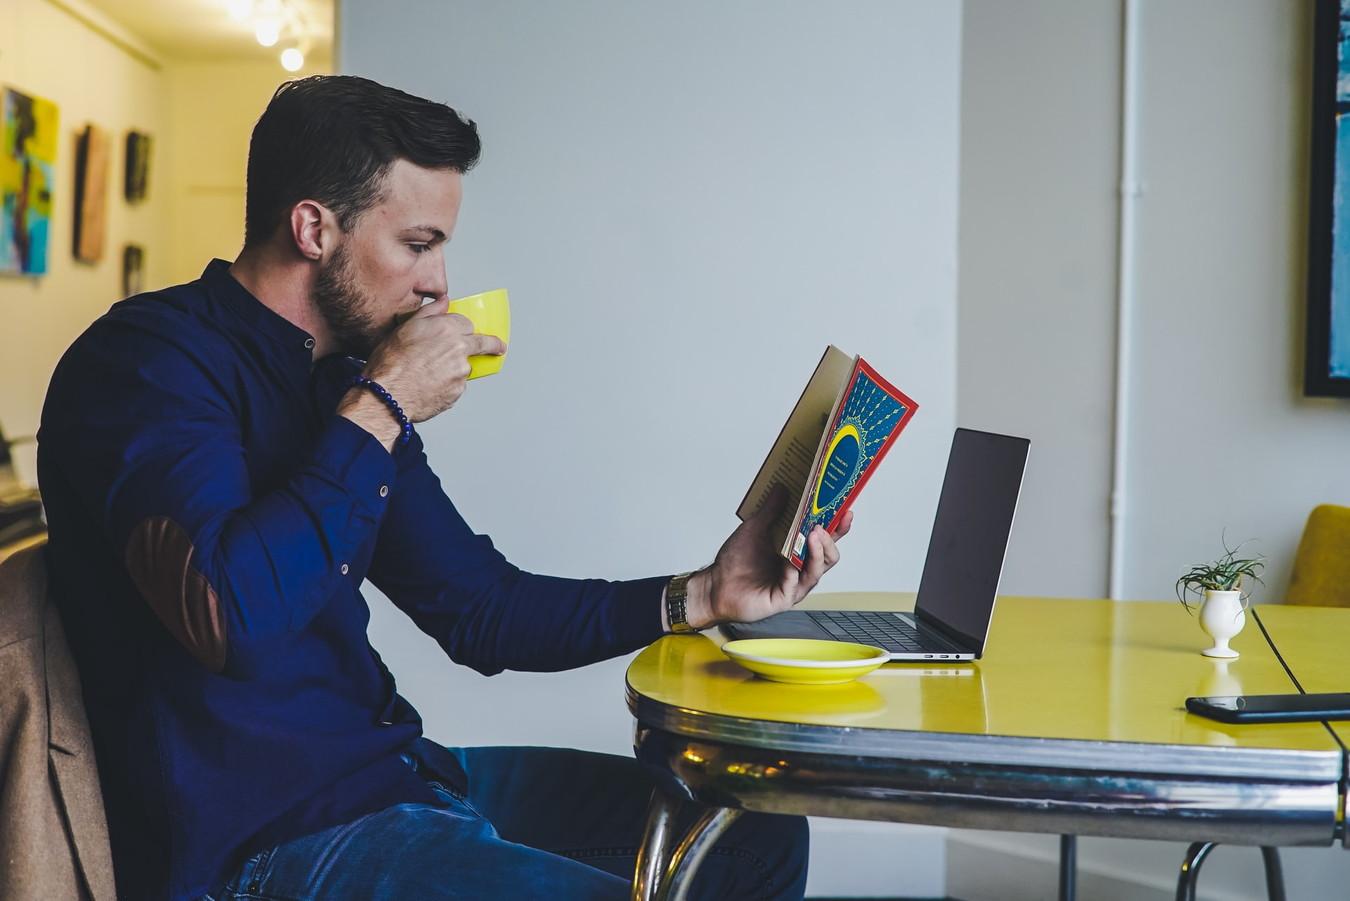 【書評】速習Laravel6[Web職人のためのフレームワークを速習する]